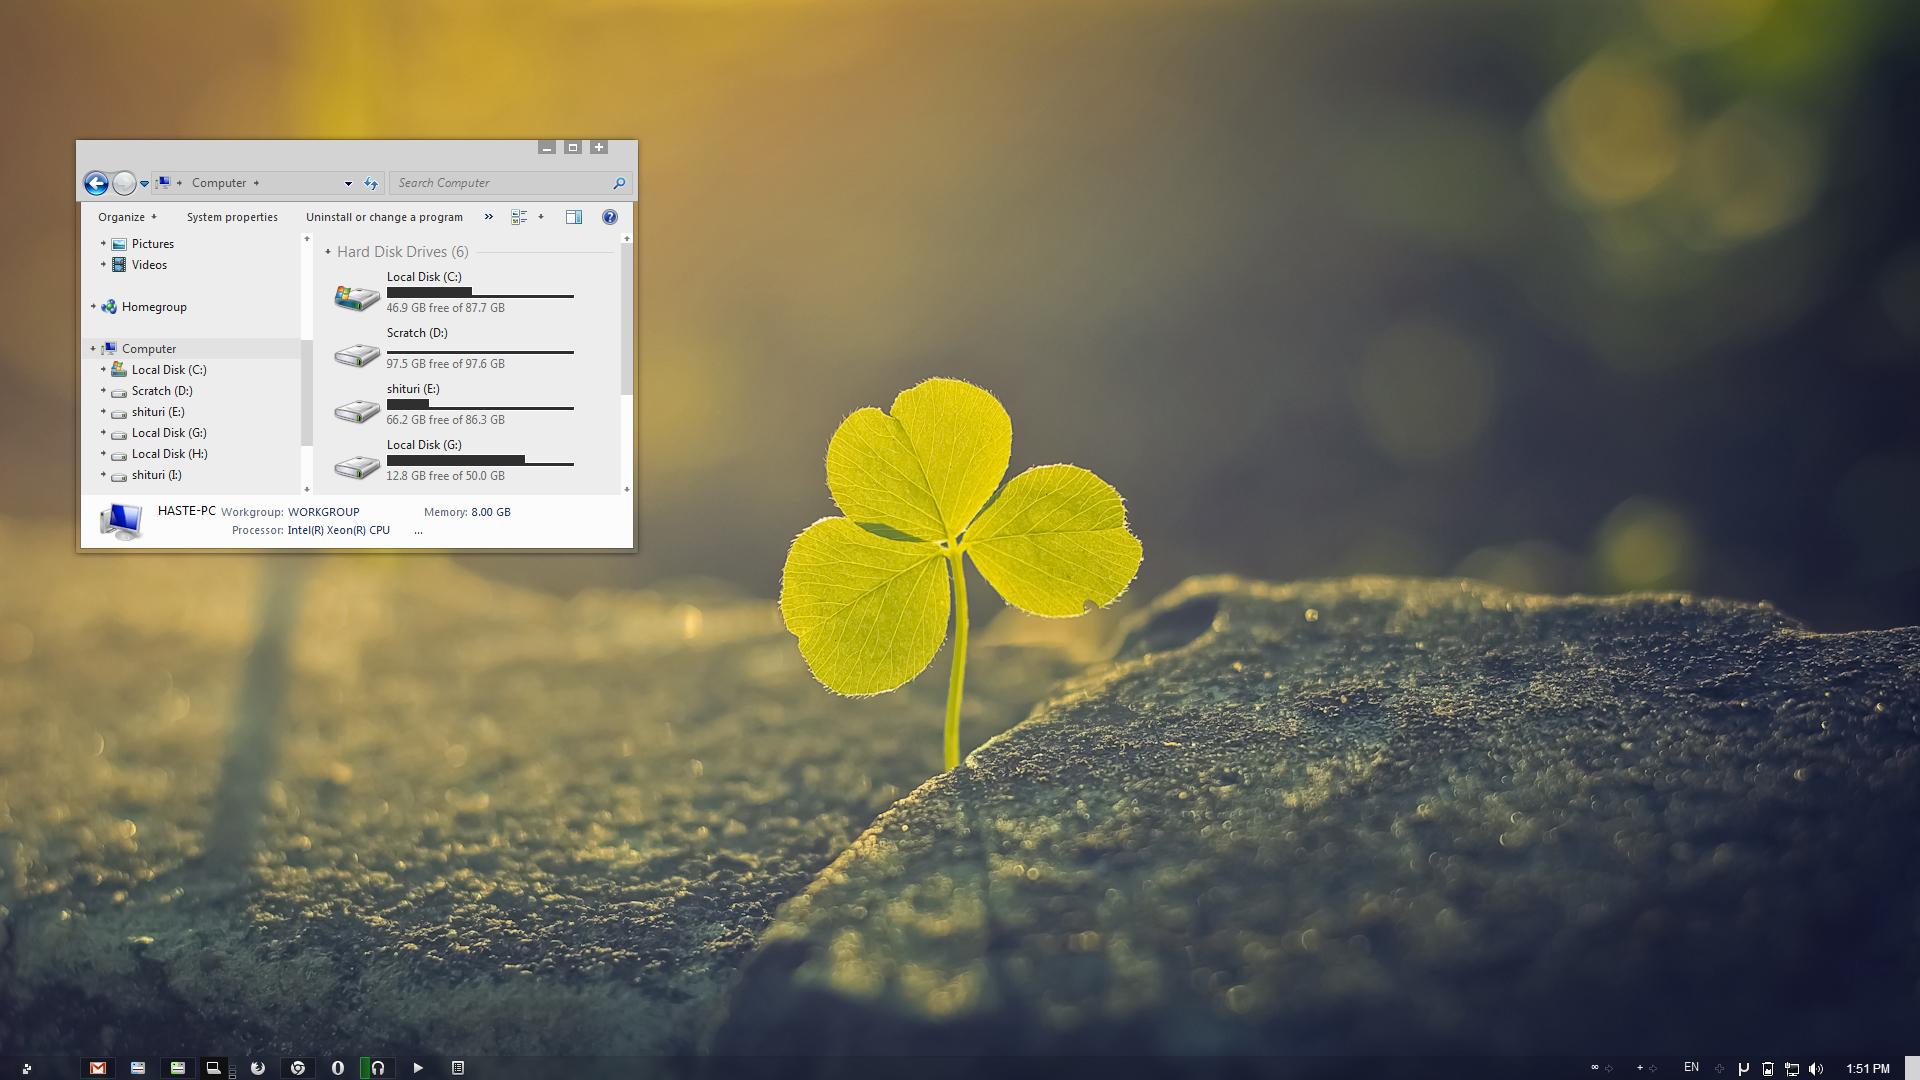 Simplify Flat Preview by dpcdpc11